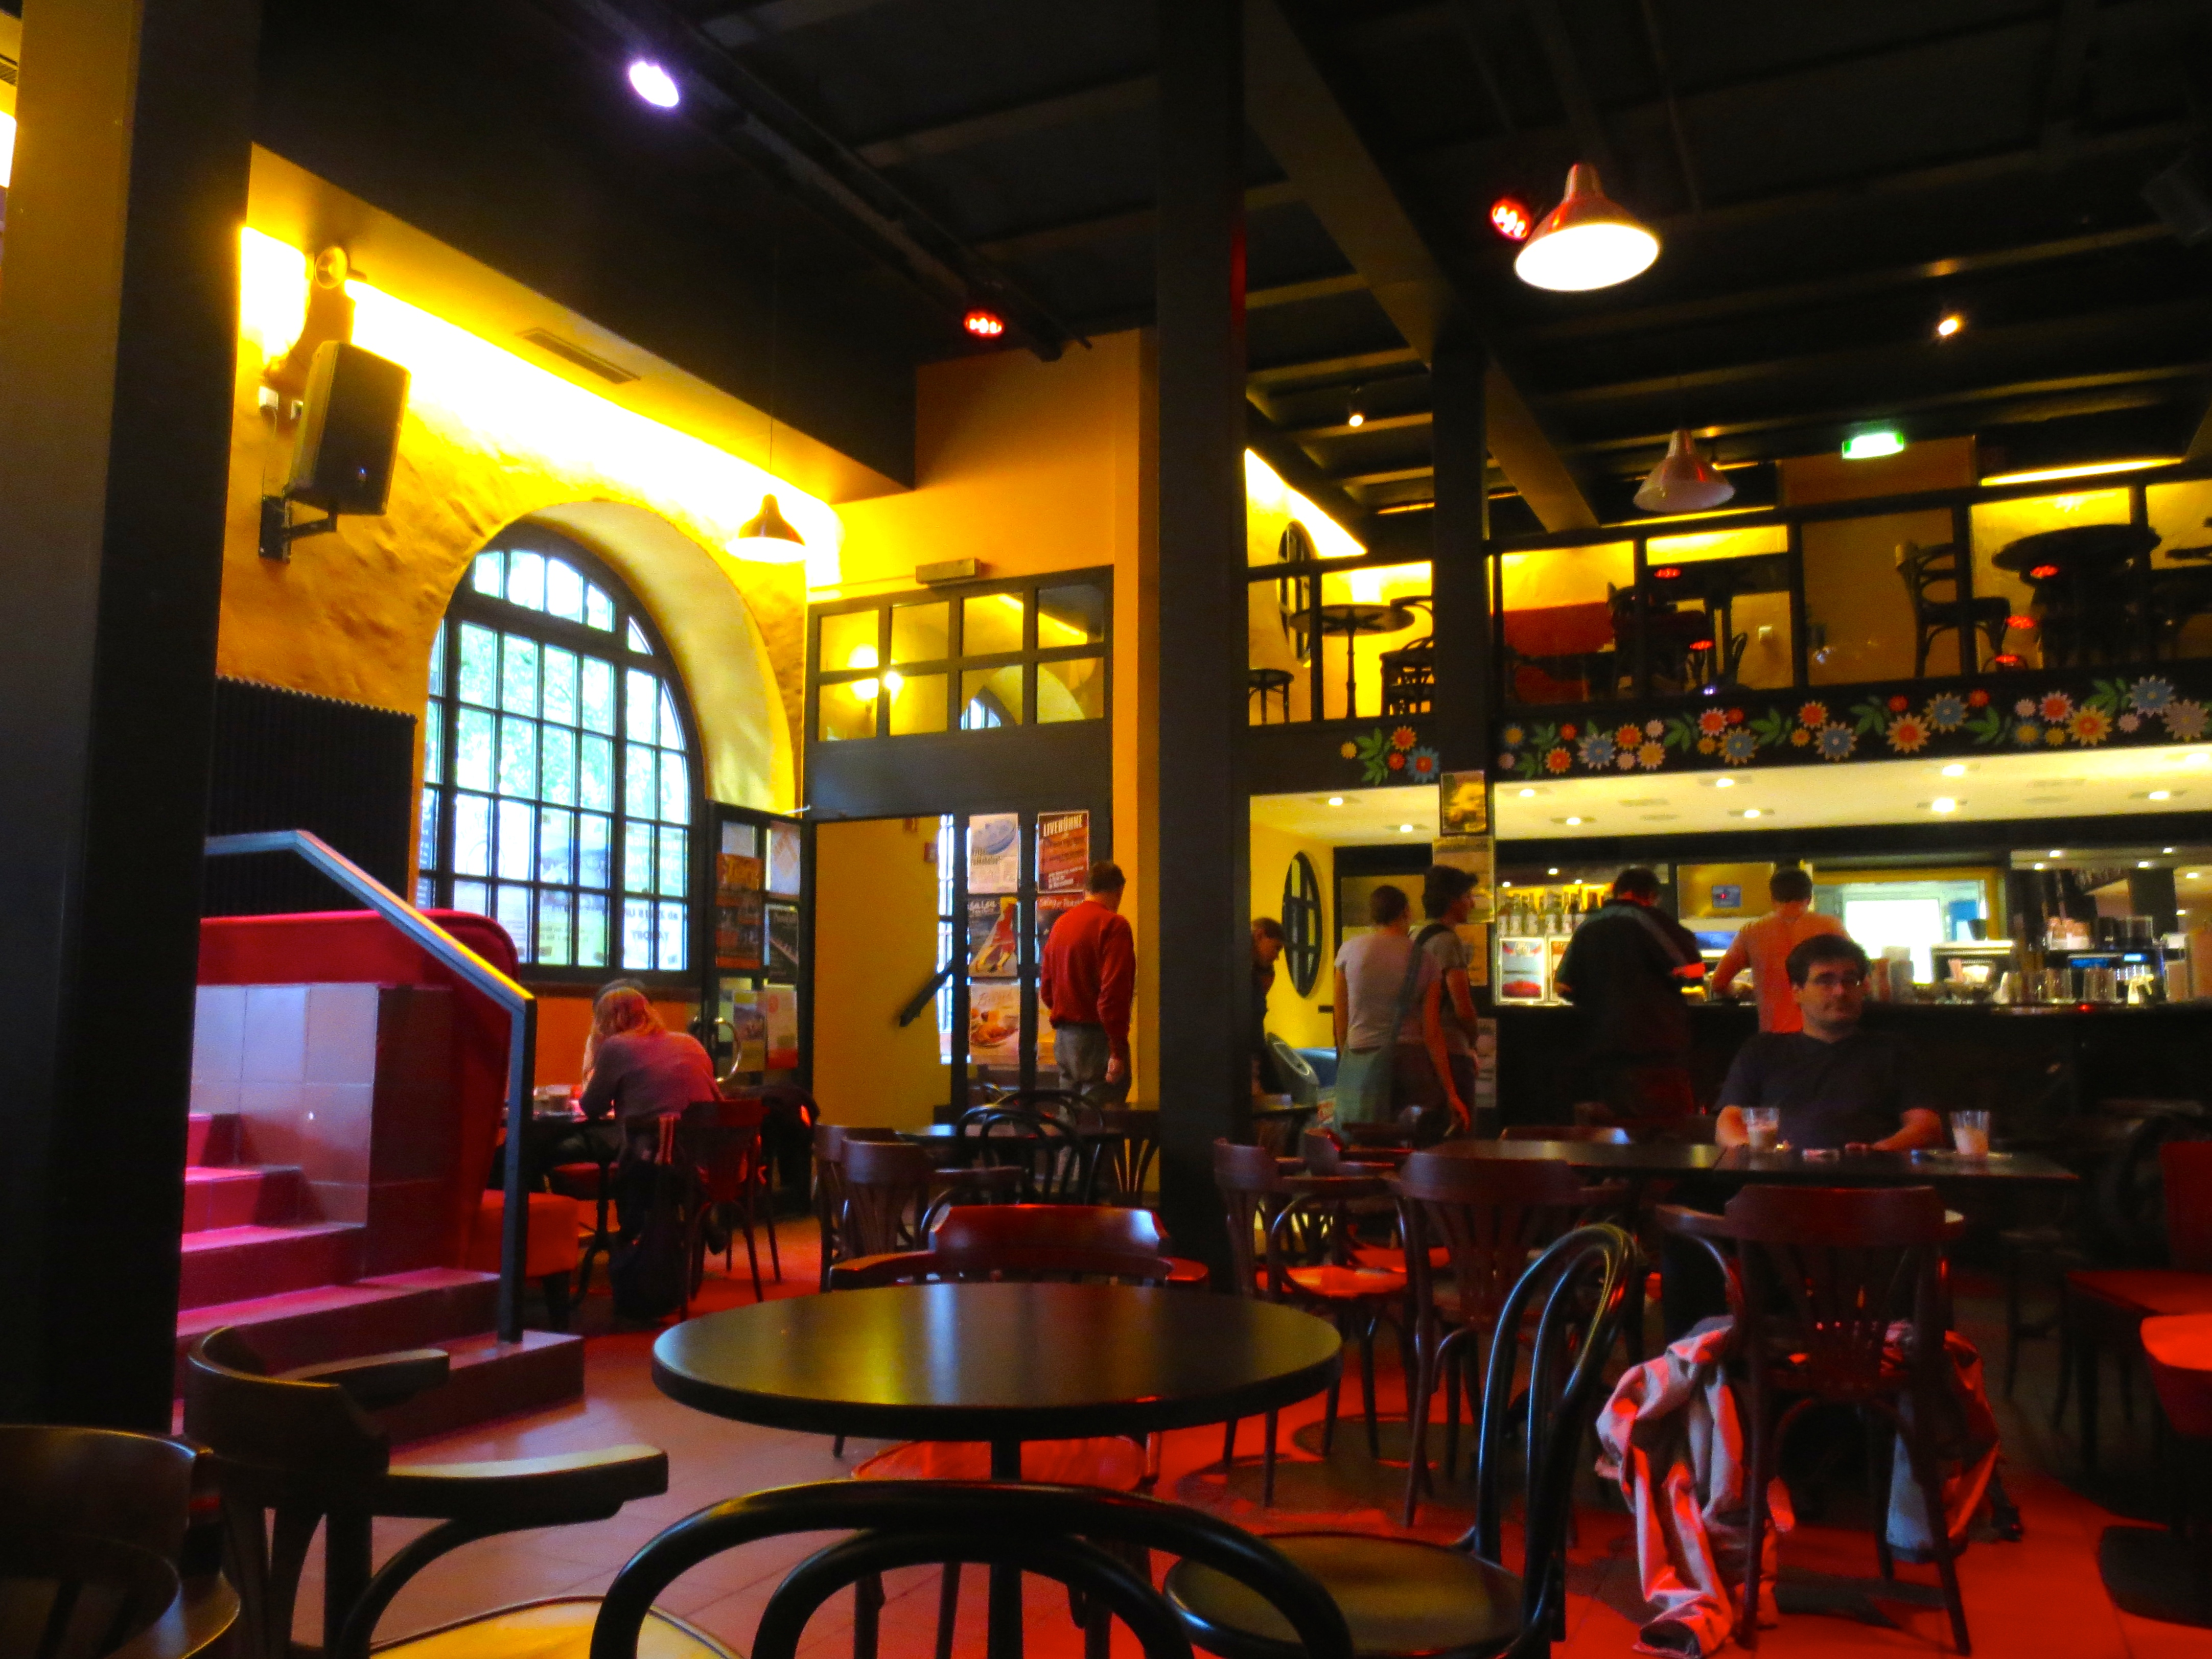 Innenarchitektur Cafe file das marstall cafe im östlichen seitentrakt des gebäudes mit